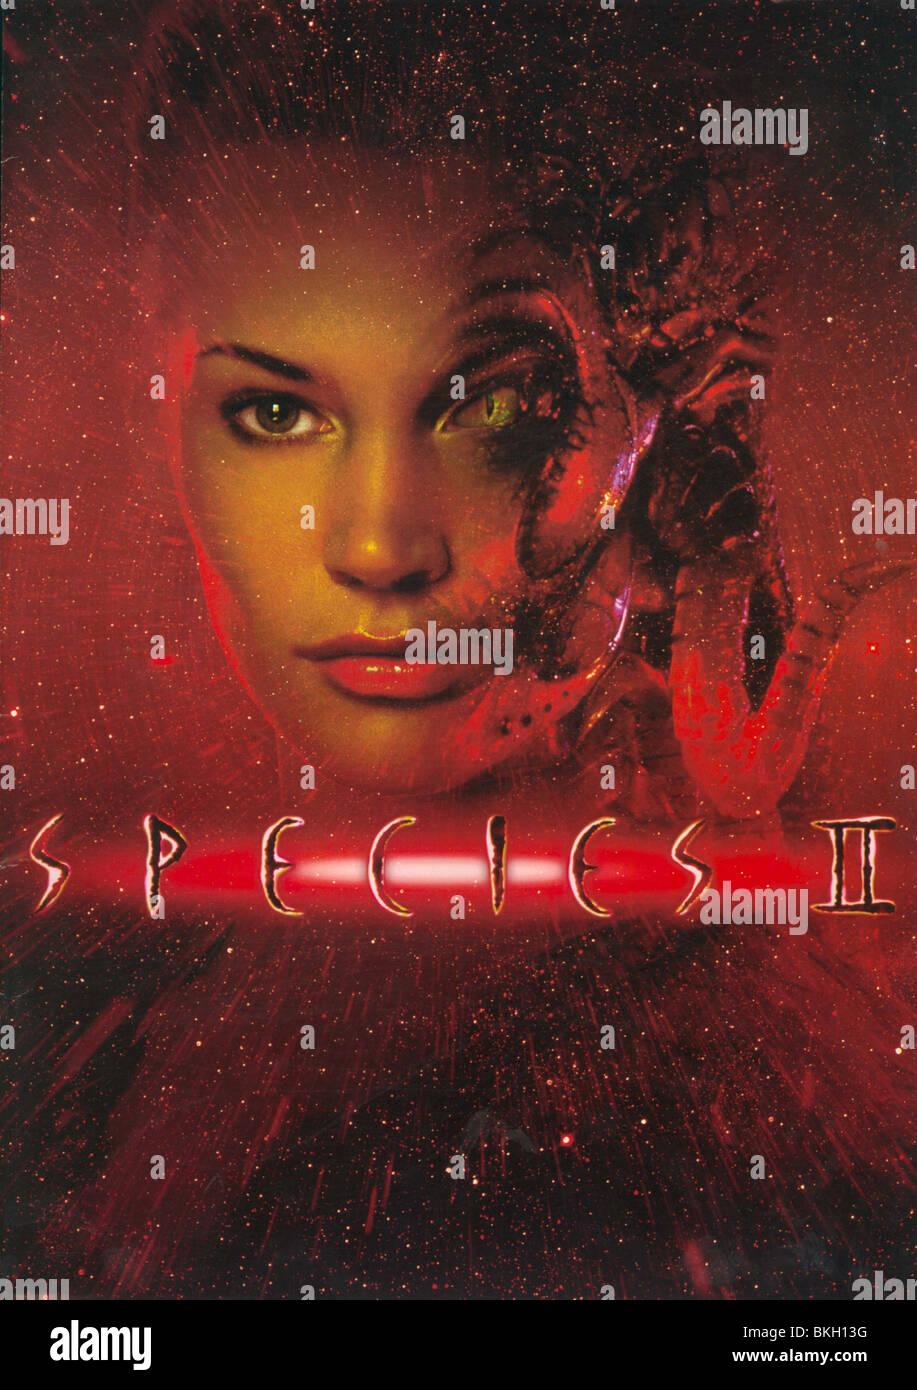 SPECIES II (1998) SPECIES 2 (ALT) POSTER SPE2 001PK Stock Photo